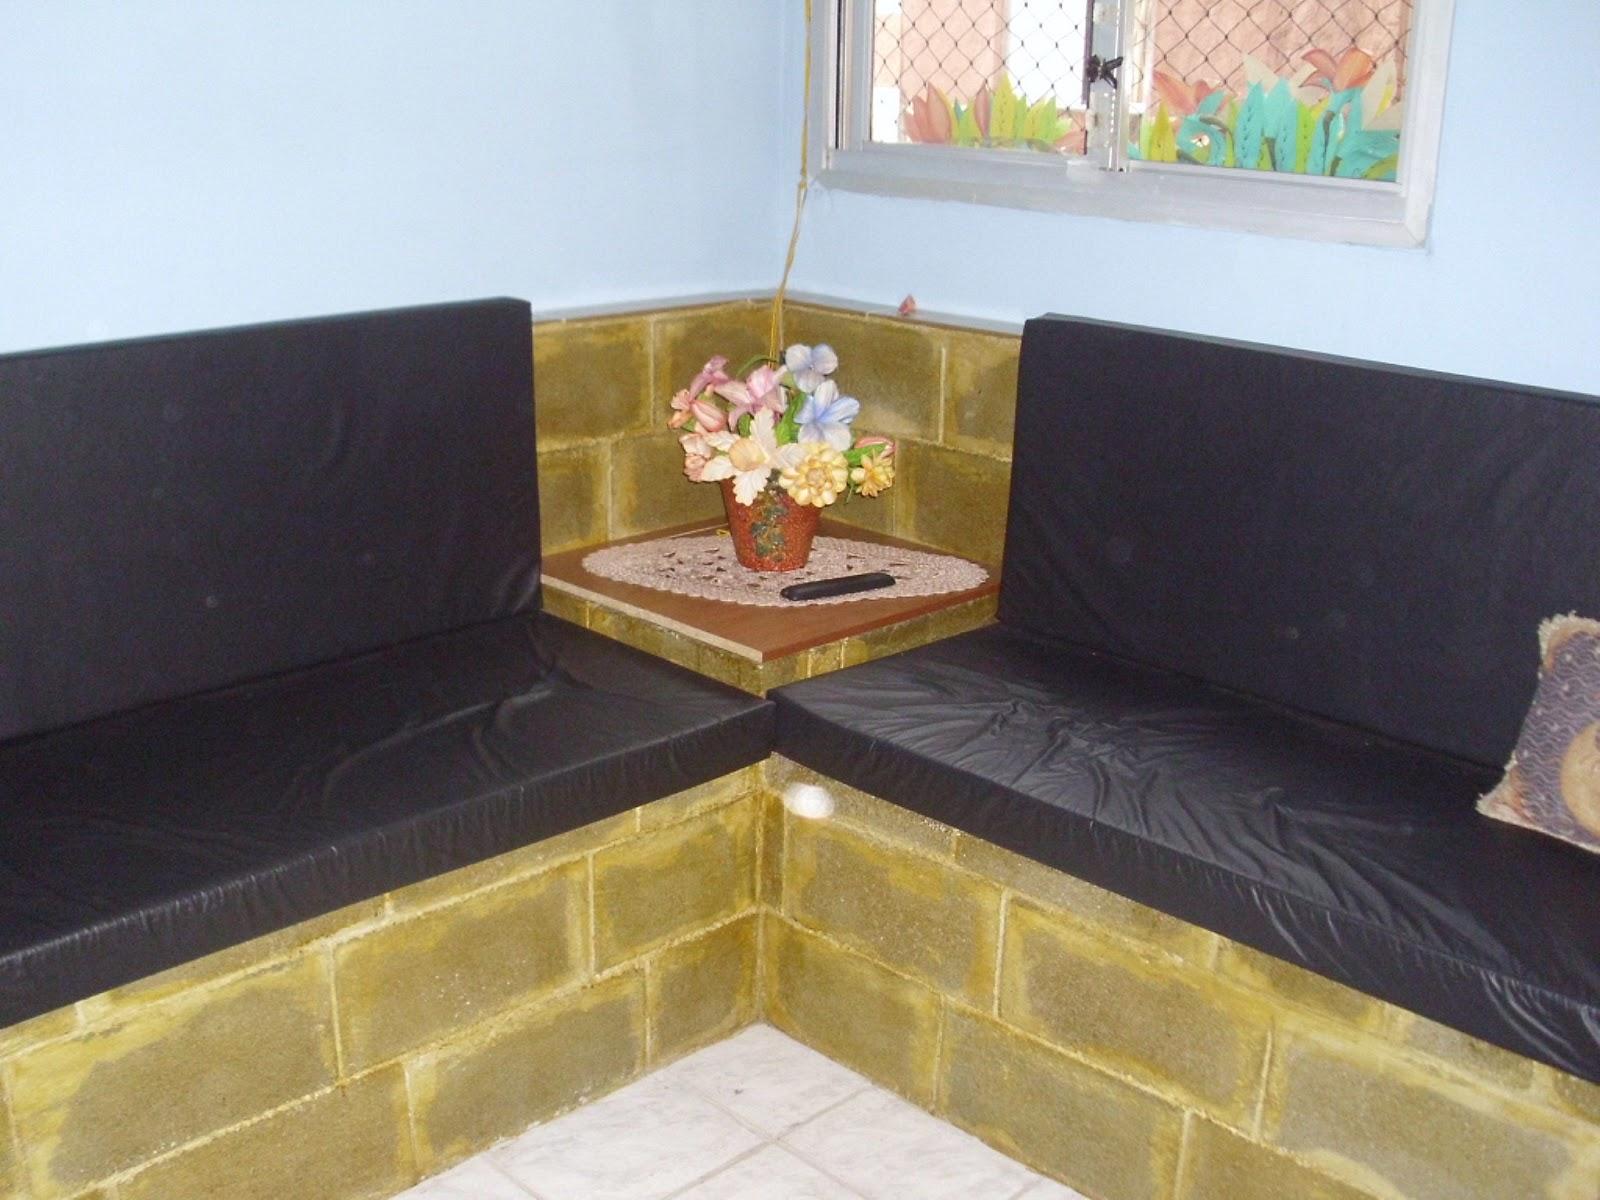 Mistura do Lar: Estante e sofá de alvenaria feito pela minha vizinha #927C39 1600x1200